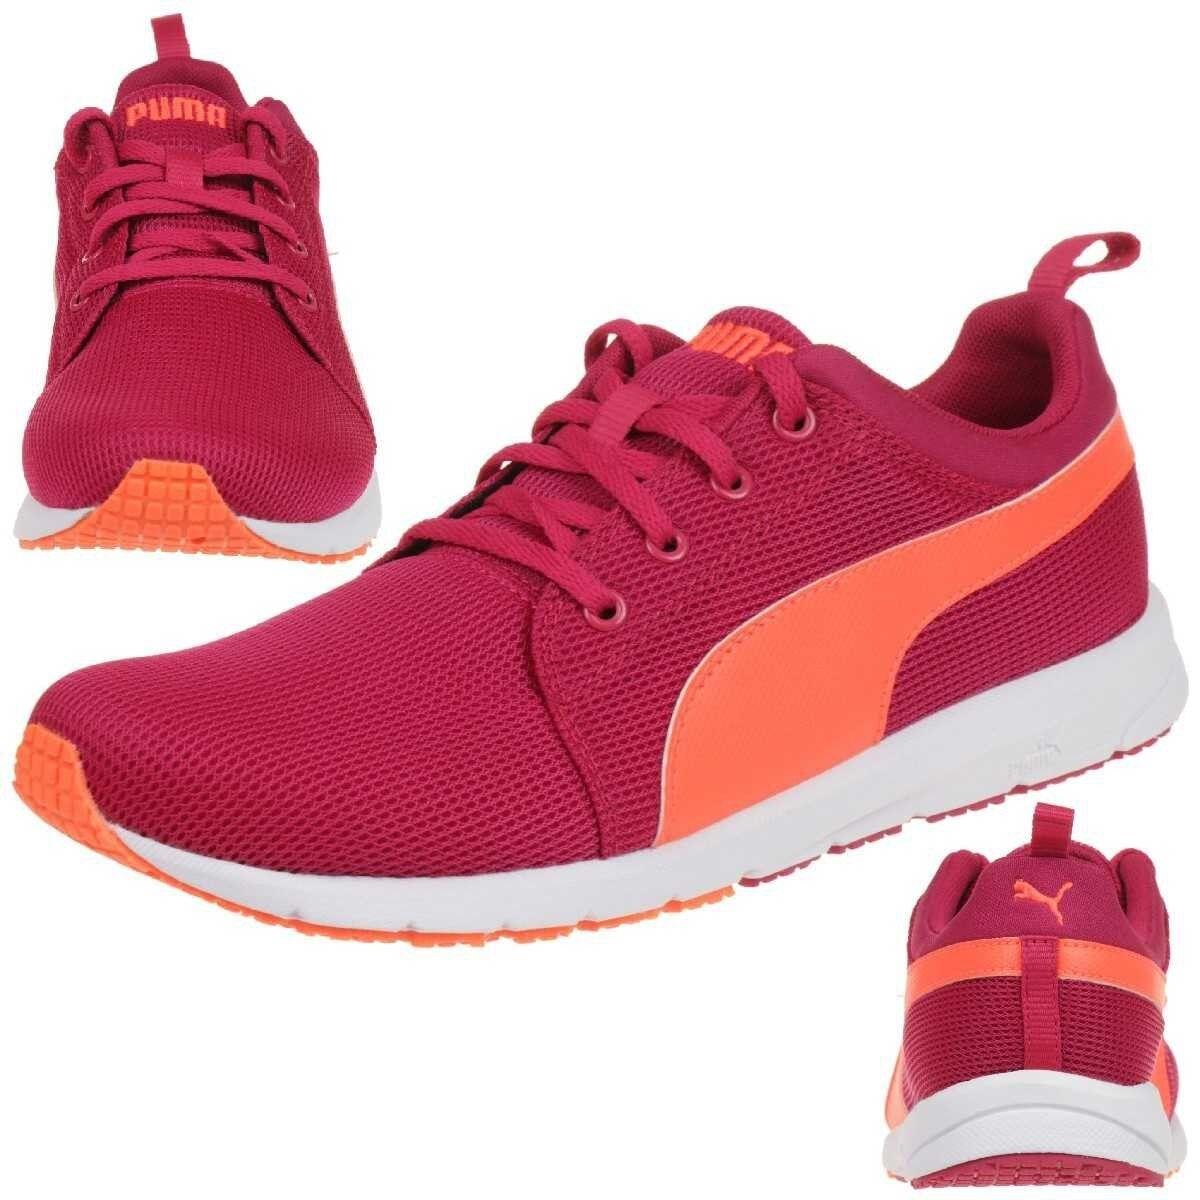 5542aeb39bbb26 Puma Schuhe Damen Rot Test Vergleich +++ Puma Schuhe Damen Rot ...